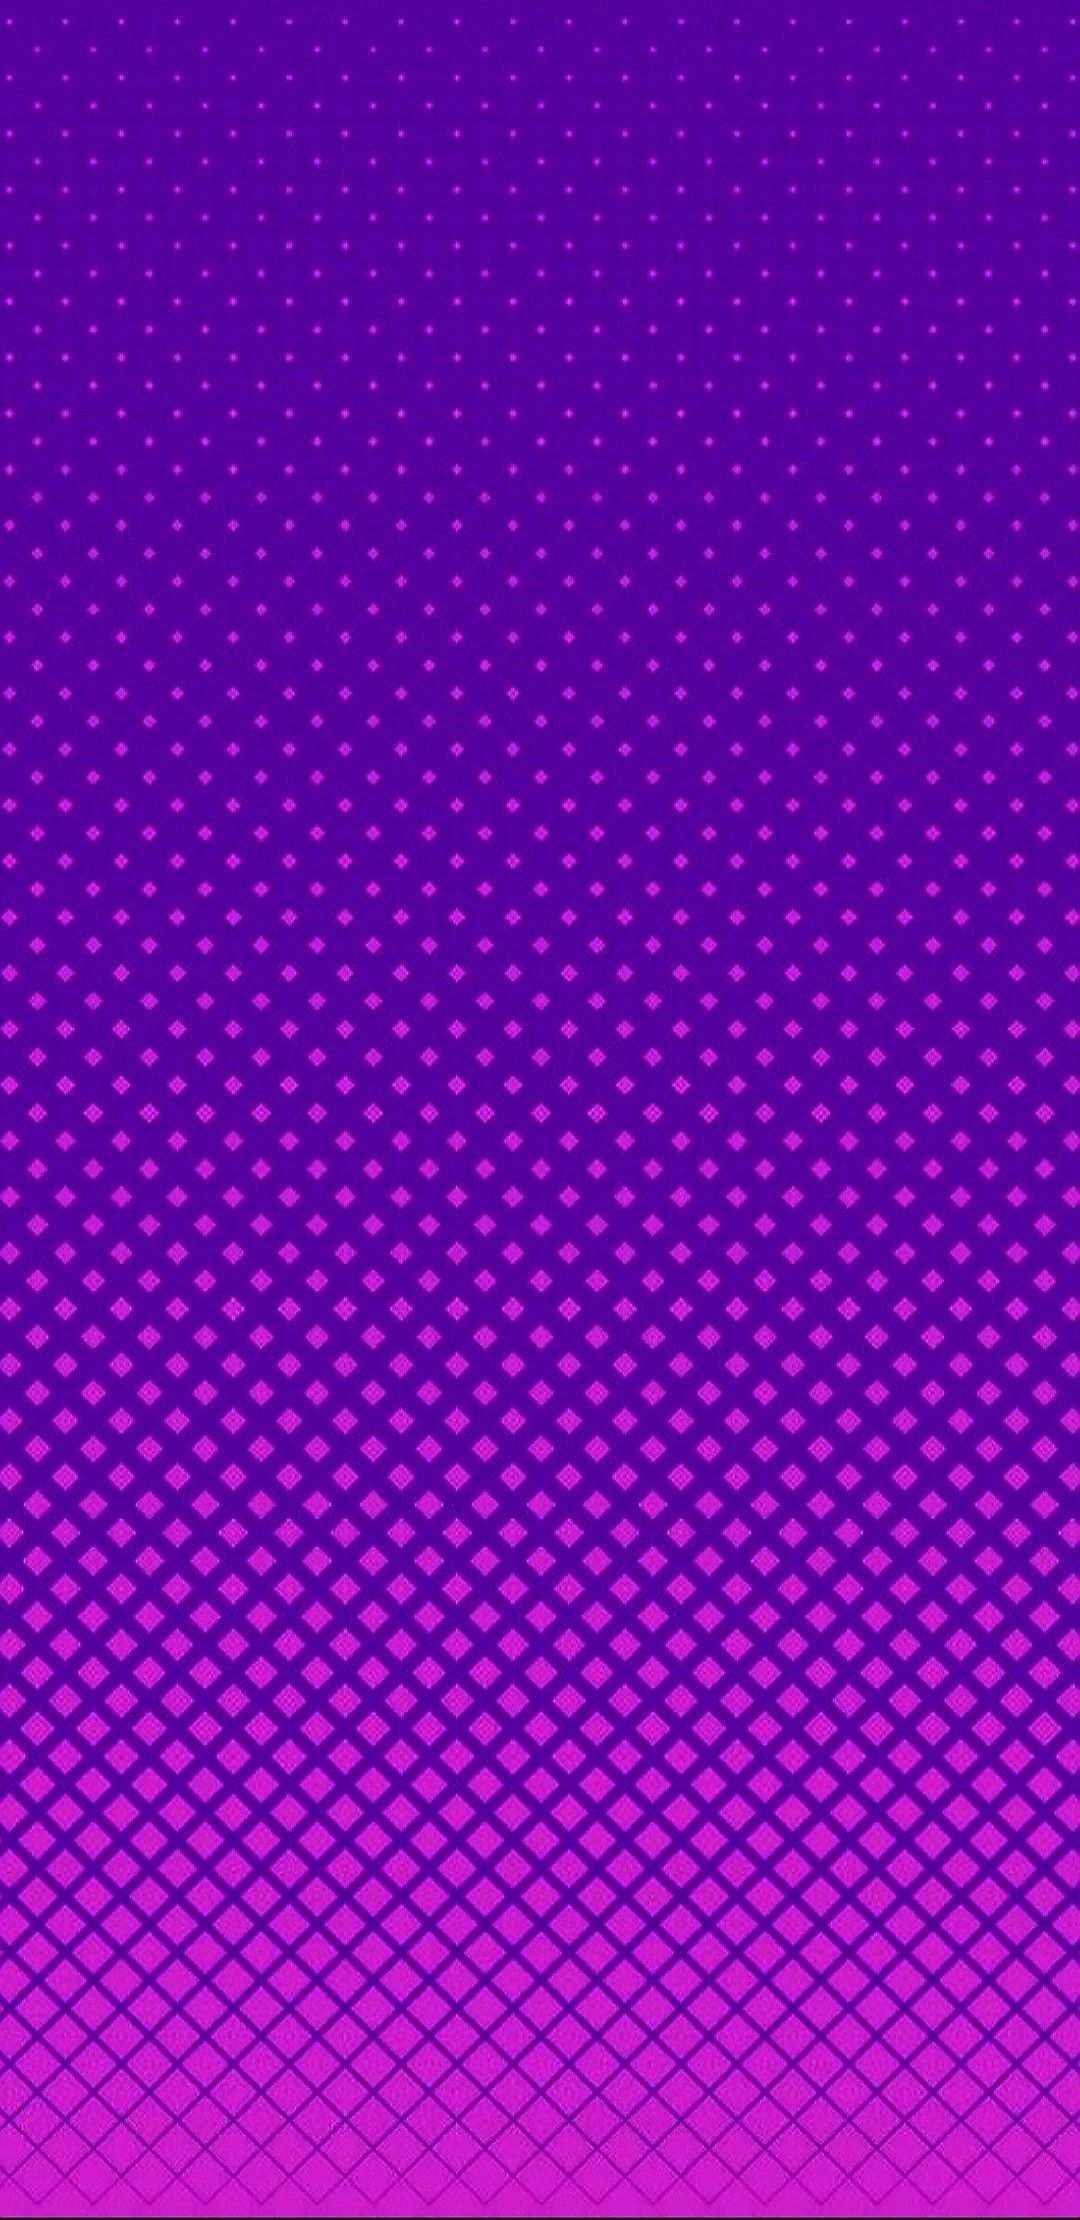 Wallpaper Chevron Wallpaper Cellphone Wallpaper Textures Patterns